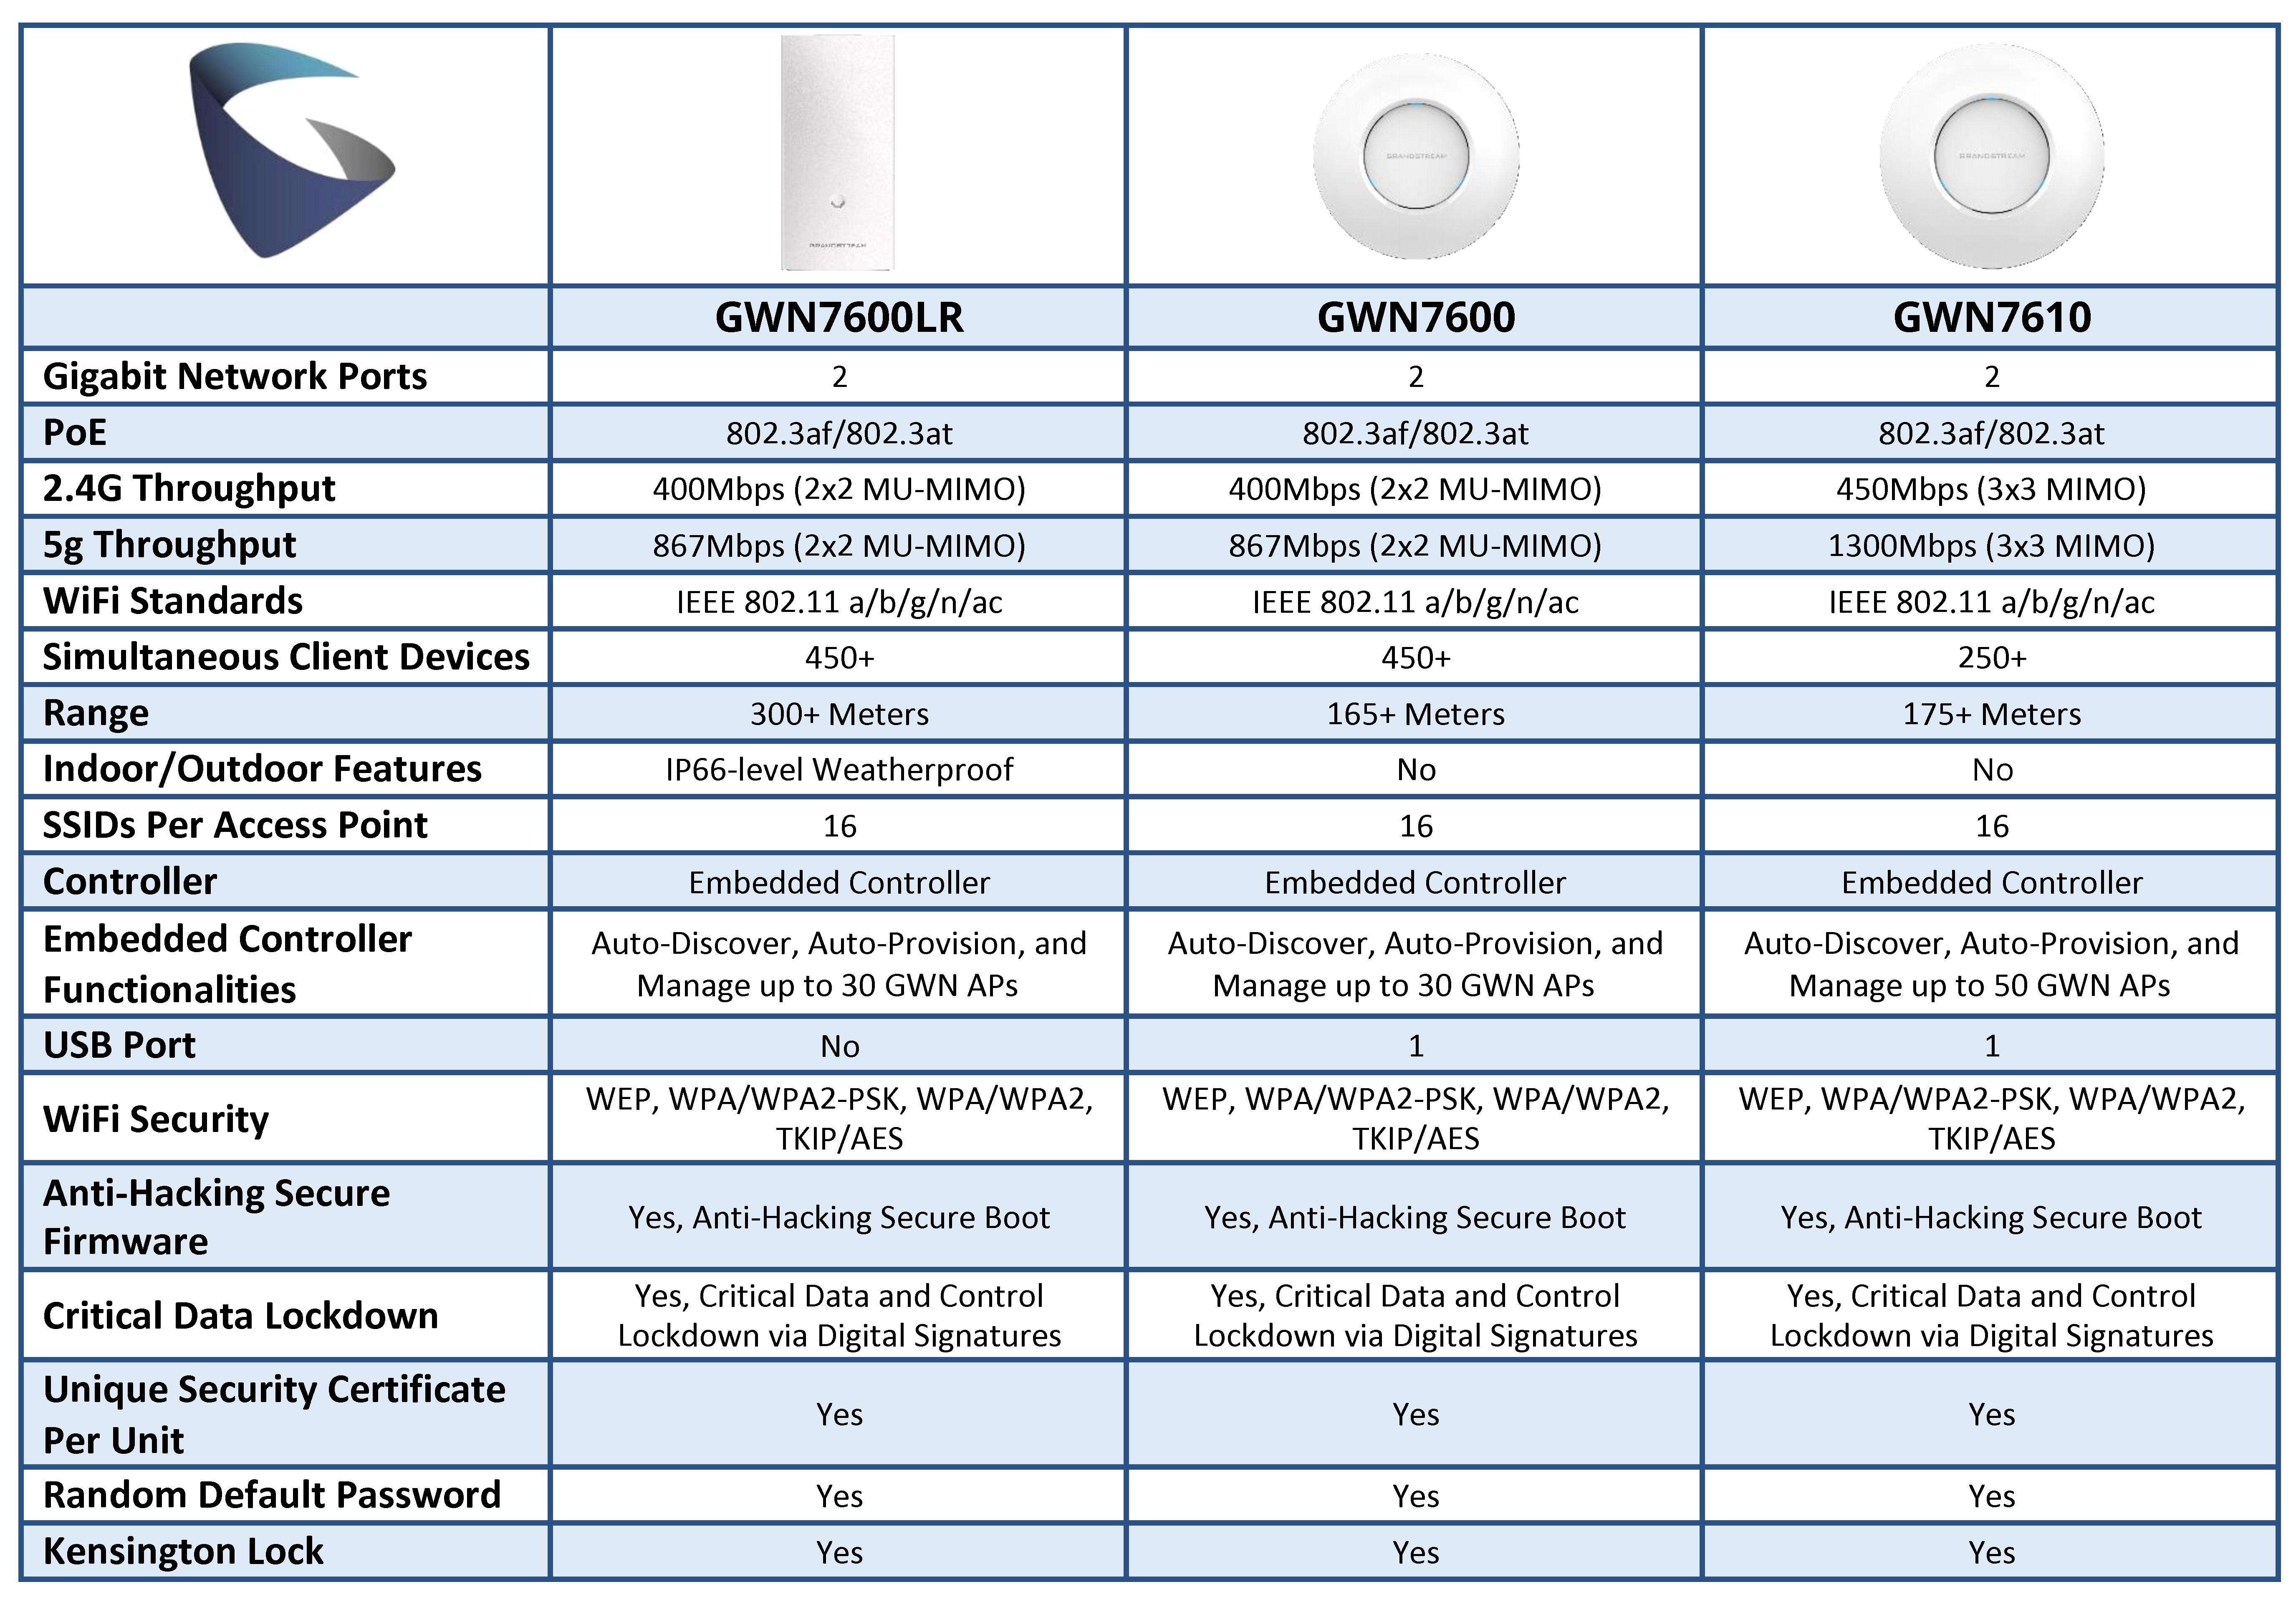 GWN7600_Series_Comparison_Chart